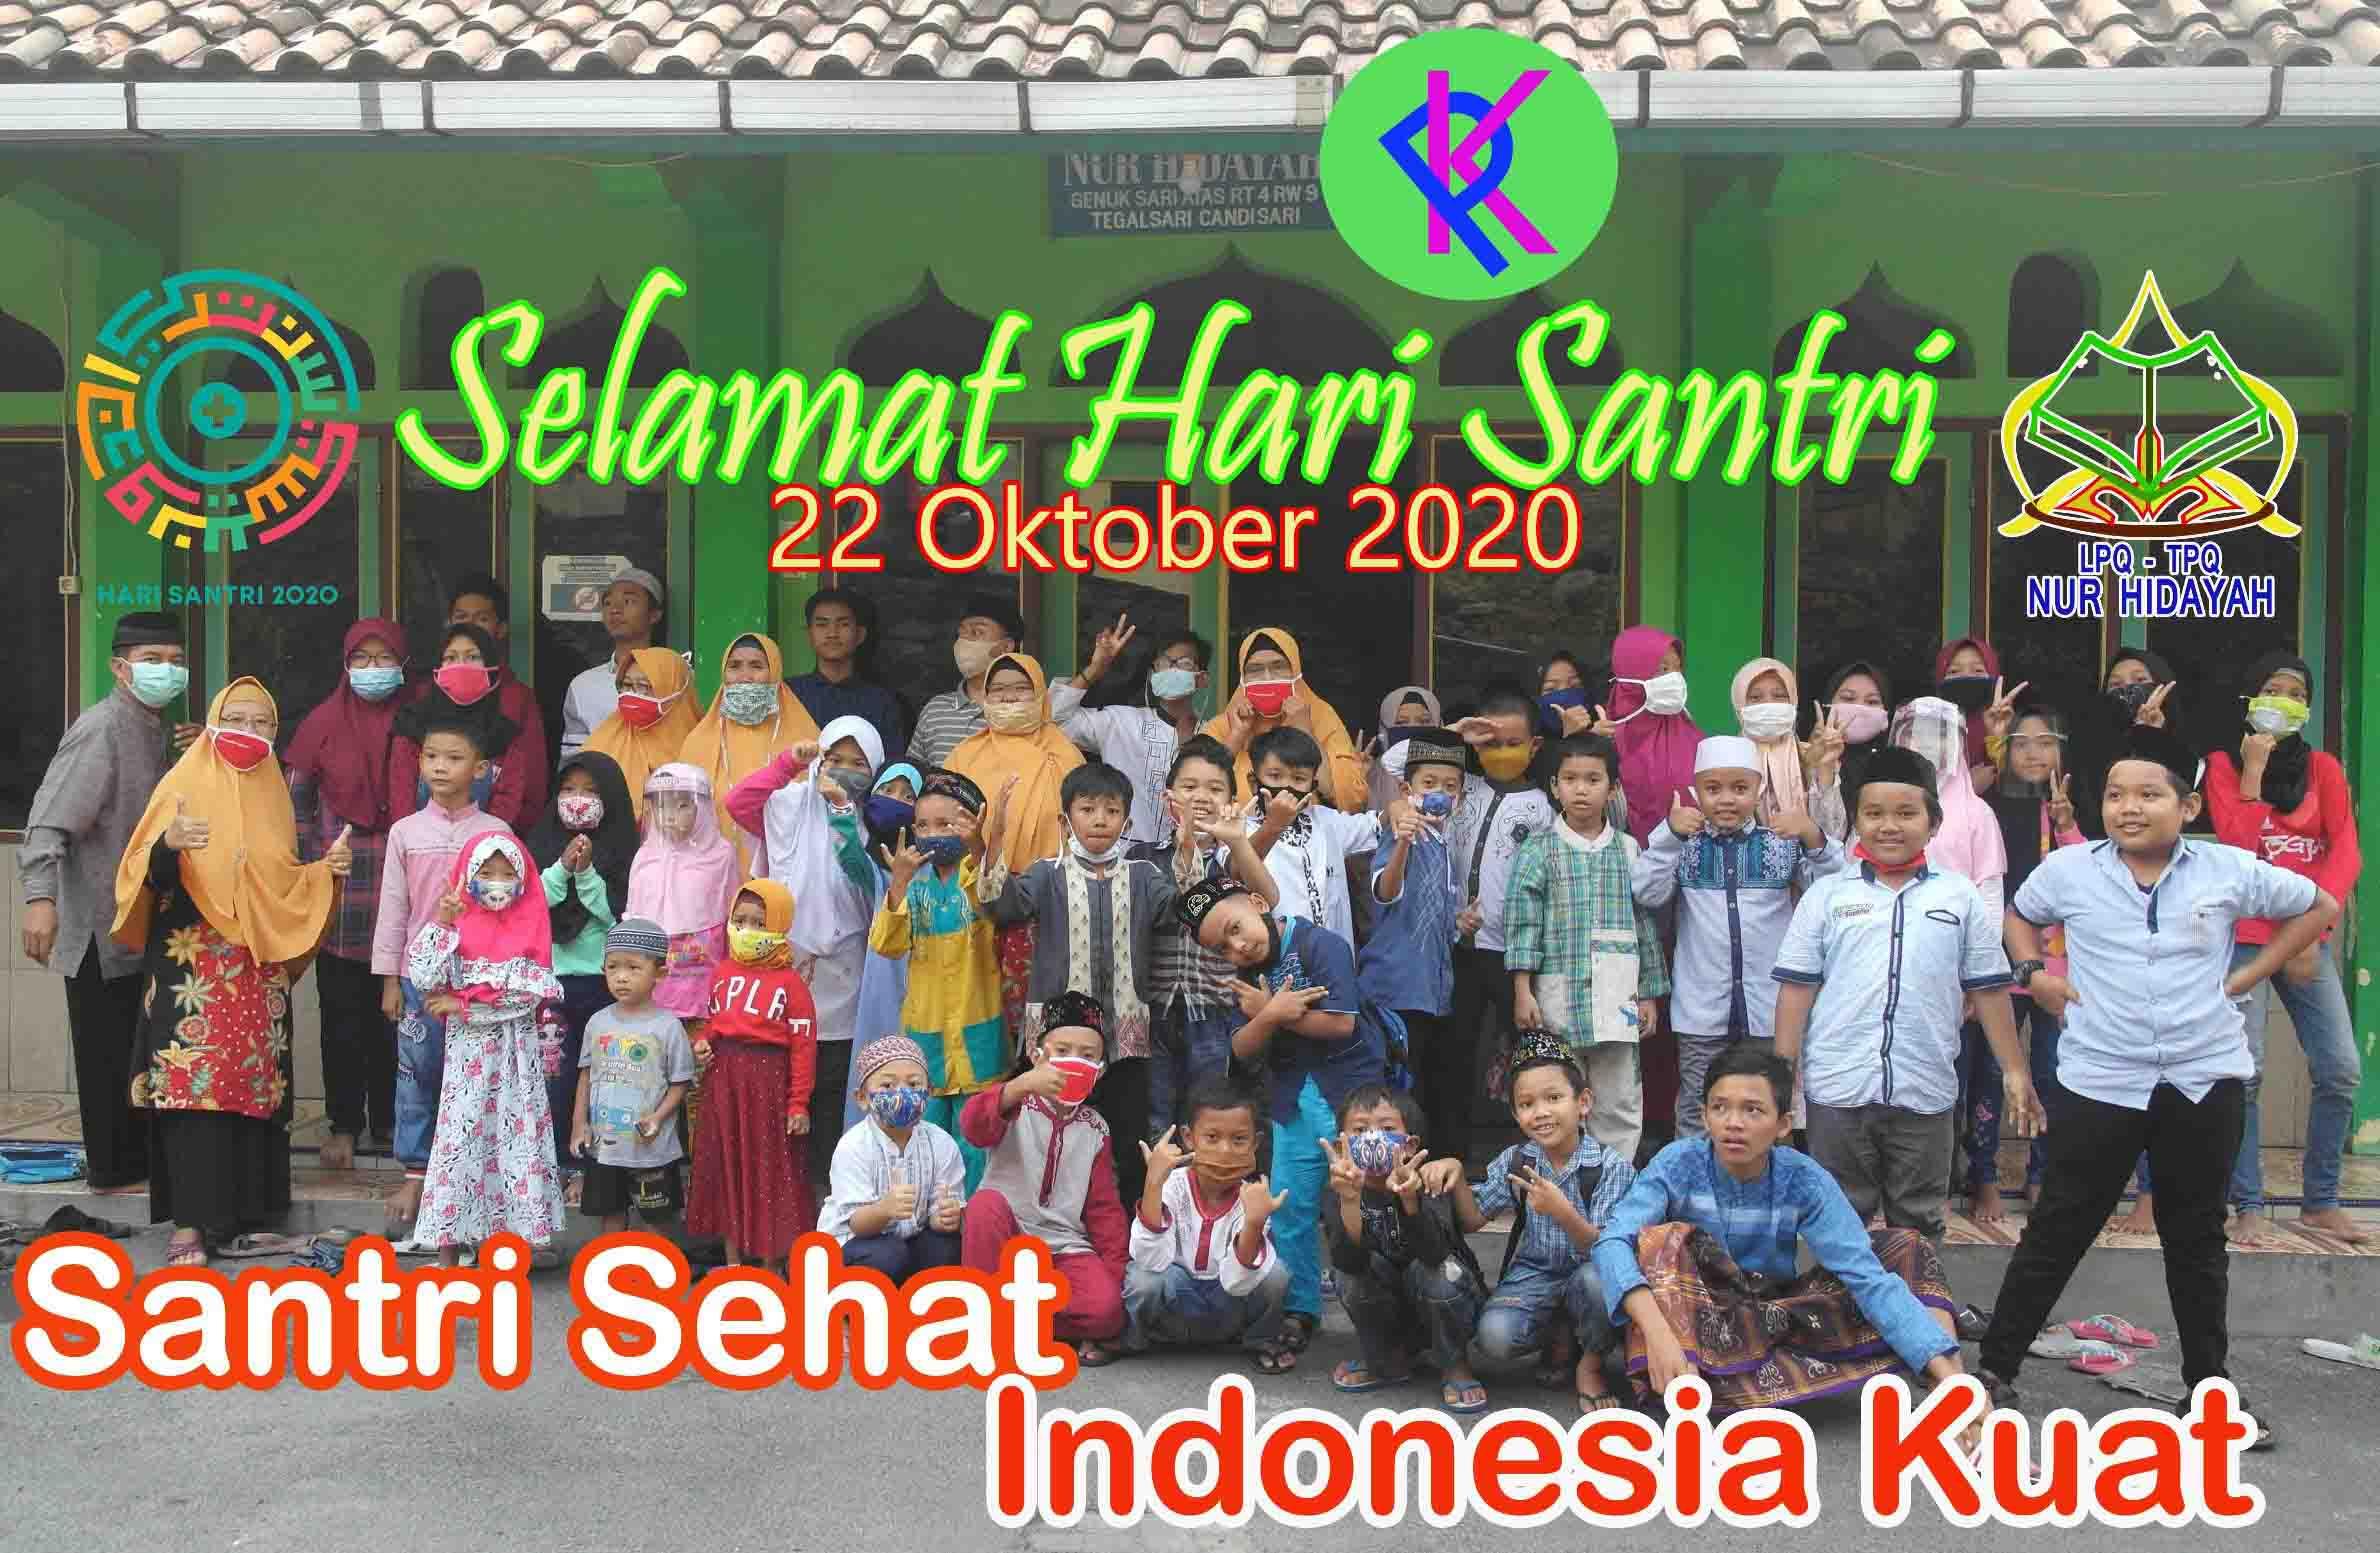 Santri Sehat Indonesia Kuat, Inilah Logo Hari Santri 2020